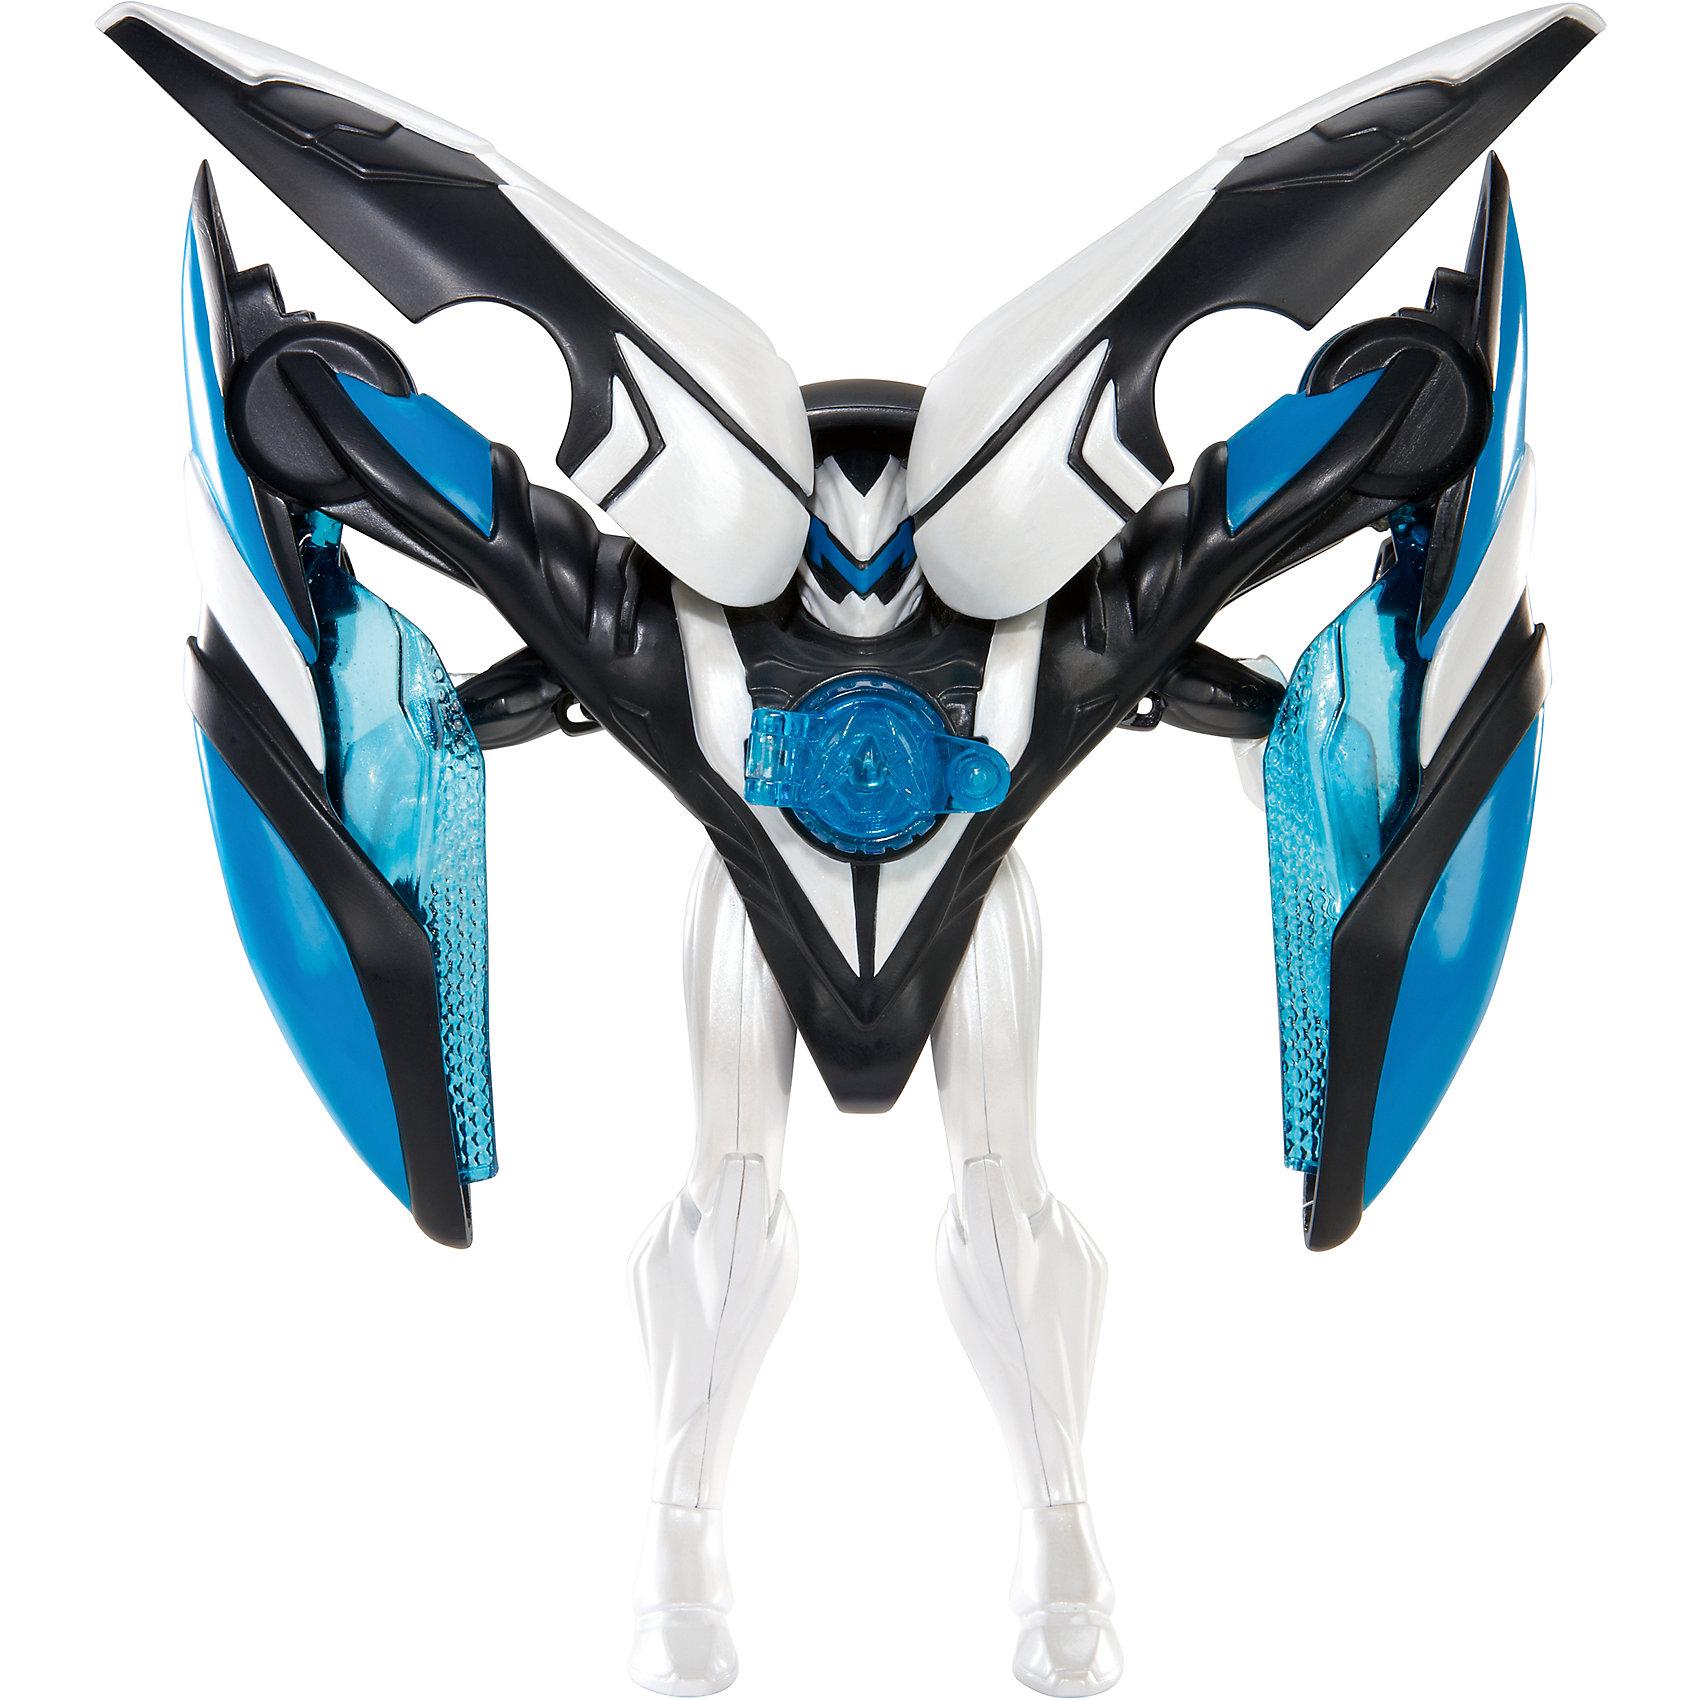 Костюм для супер полётов, Max SteelКостюм для супер полётов, Max Steel (Макс Стил) – это 2 героя в одном, турбо-фигура Макса в режиме полета превращается в героя Стила.<br>16-летний подросток Макс, получивший суперсилу, умеет генерировать турбоэнергию, самую мощную энергию во Вселенной! Объединившись с инопланетянином Стилом, Макс сражается со злодеями, не давая им захватить Галактику. Новый костюм Макса является одним из шести суперкостюмов со специальными возможностями, позволяющими быстрее одержать победу над врагом. <br>Если сжать ноги фигурки, то у Макса расправятся крылья, которые подсвечиваются при движении. Шлем открывается, а при нажатии на пусковой механизм, расположенный на руке героя, вылетает снаряд, бьющий противника в самое сердце! В базовом режиме на Максе надет костюм из техноорганических слоев, стабилизирующий суперэнергию. В костюме для суперполетов Макс становится по-настоящему мощным противником в любой битве. Фигурка героя Макс Стил сделана из прочного пластика, прошедшего строгий контроль качества. Подвижные элементы куклы позволят принимать естественные позы, что сделает игру интересной и увлекательной.<br><br>Дополнительная информация:<br><br>- Высота фигурки: 15 см.<br>- Размеры упаковки: 20,5 x 30,5 x 7 см.<br><br>Костюм для супер полётов, Max Steel (Макс Стил) можно купить в нашем интернет-магазине.<br><br>Ширина мм: 230<br>Глубина мм: 330<br>Высота мм: 95<br>Вес г: 411<br>Возраст от месяцев: 48<br>Возраст до месяцев: 96<br>Пол: Мужской<br>Возраст: Детский<br>SKU: 3382670